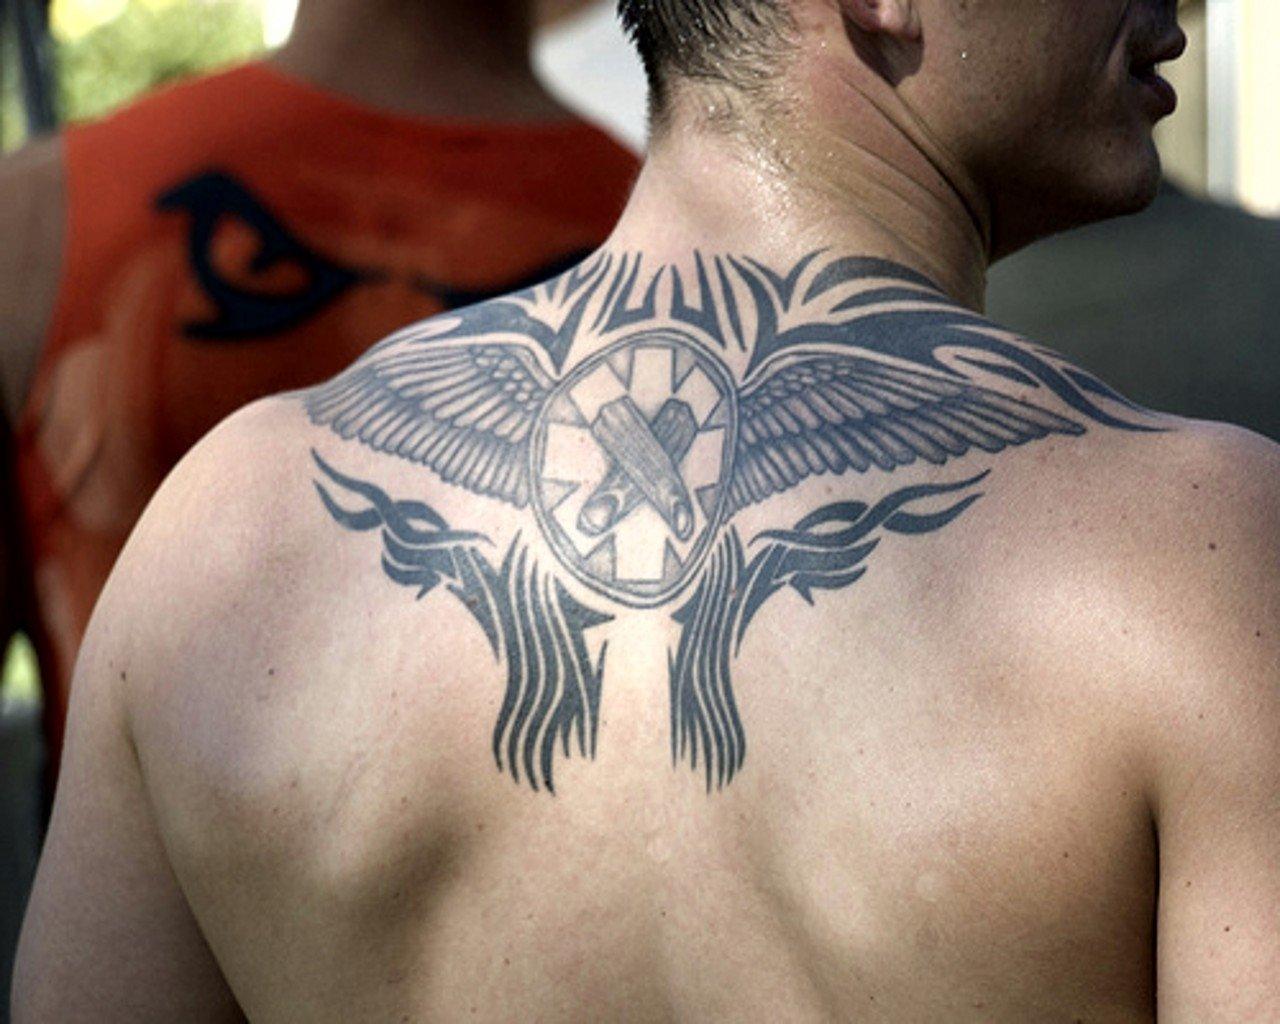 10 Fantastic Back Tattoo Ideas For Guys becik tattoo designs for men nisartmacka 2021